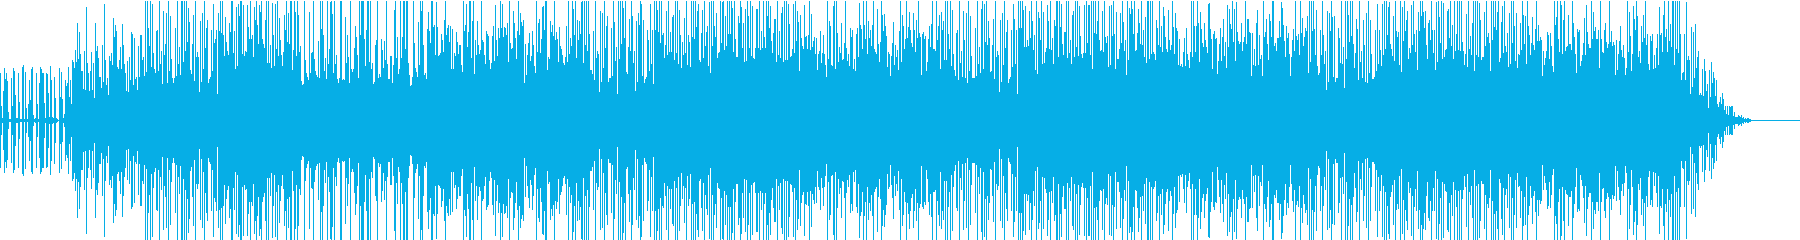 ハイテンポのかっこいい楽曲の再生済みの波形